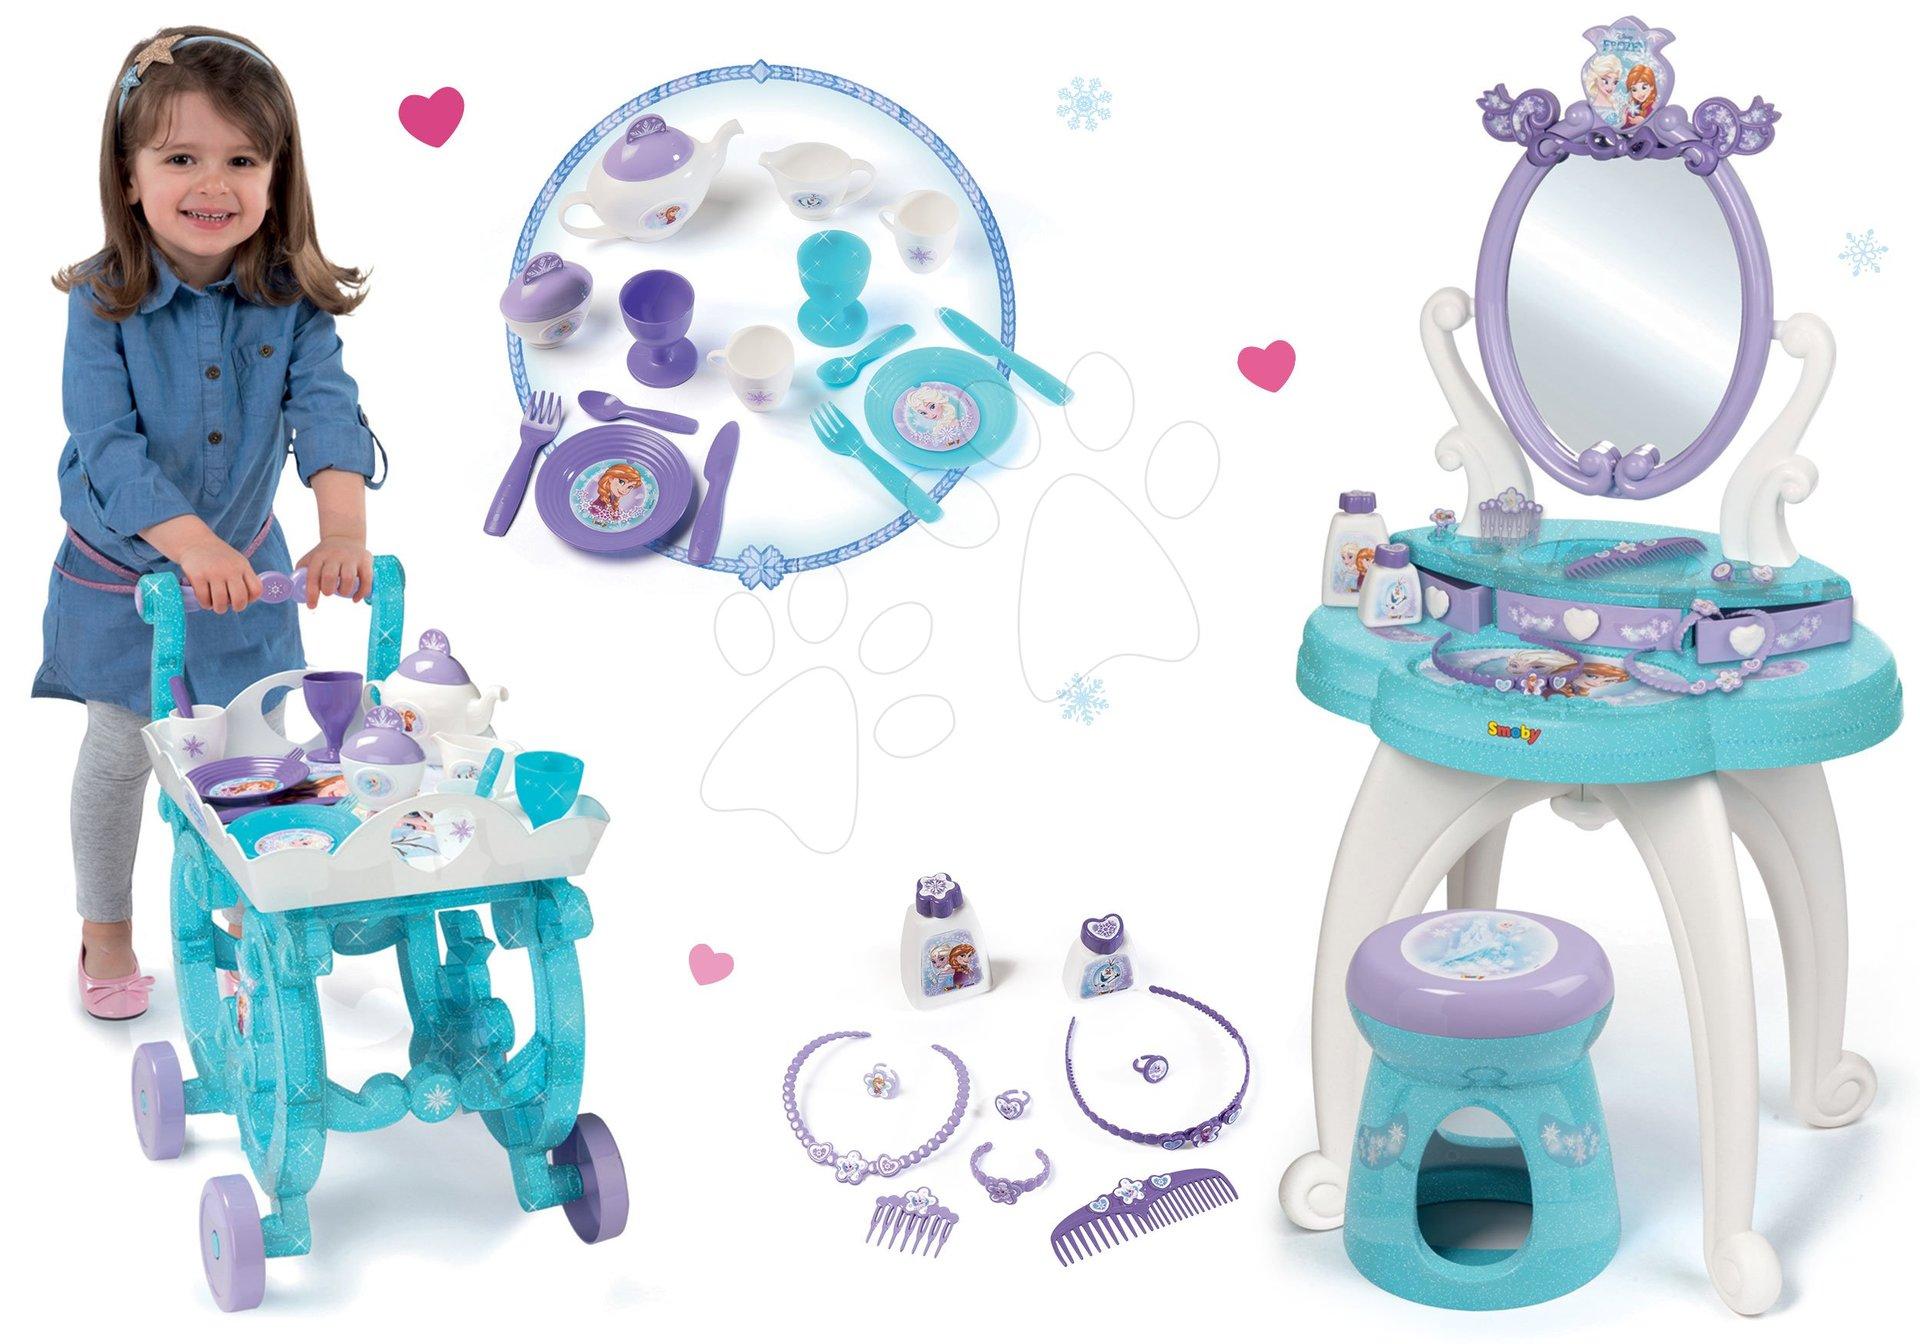 Komplet kozmetična miza Frozen Smoby s stolom in čajni servis Frozen na servirnem vozičku